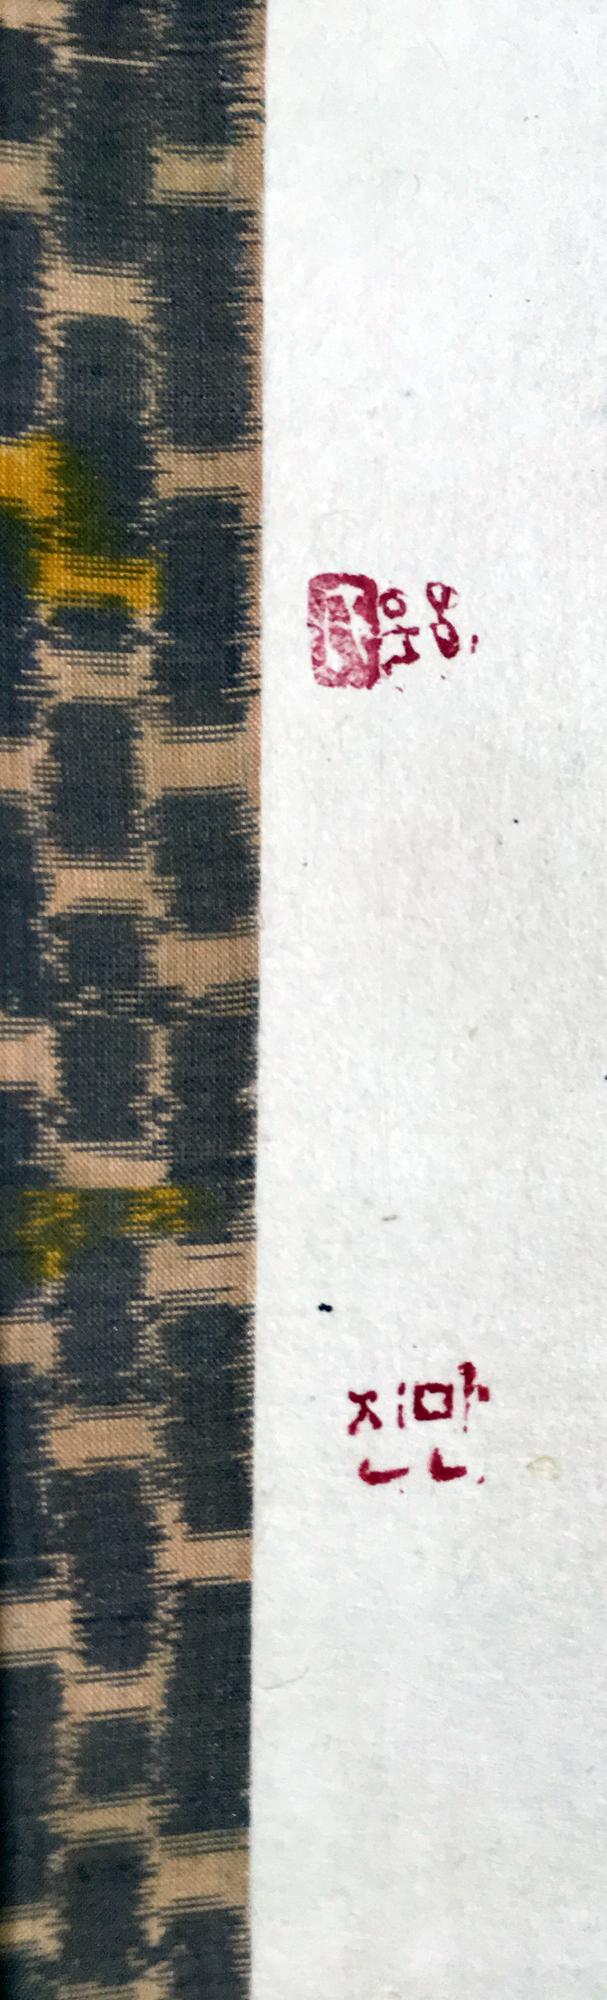 detail - chops